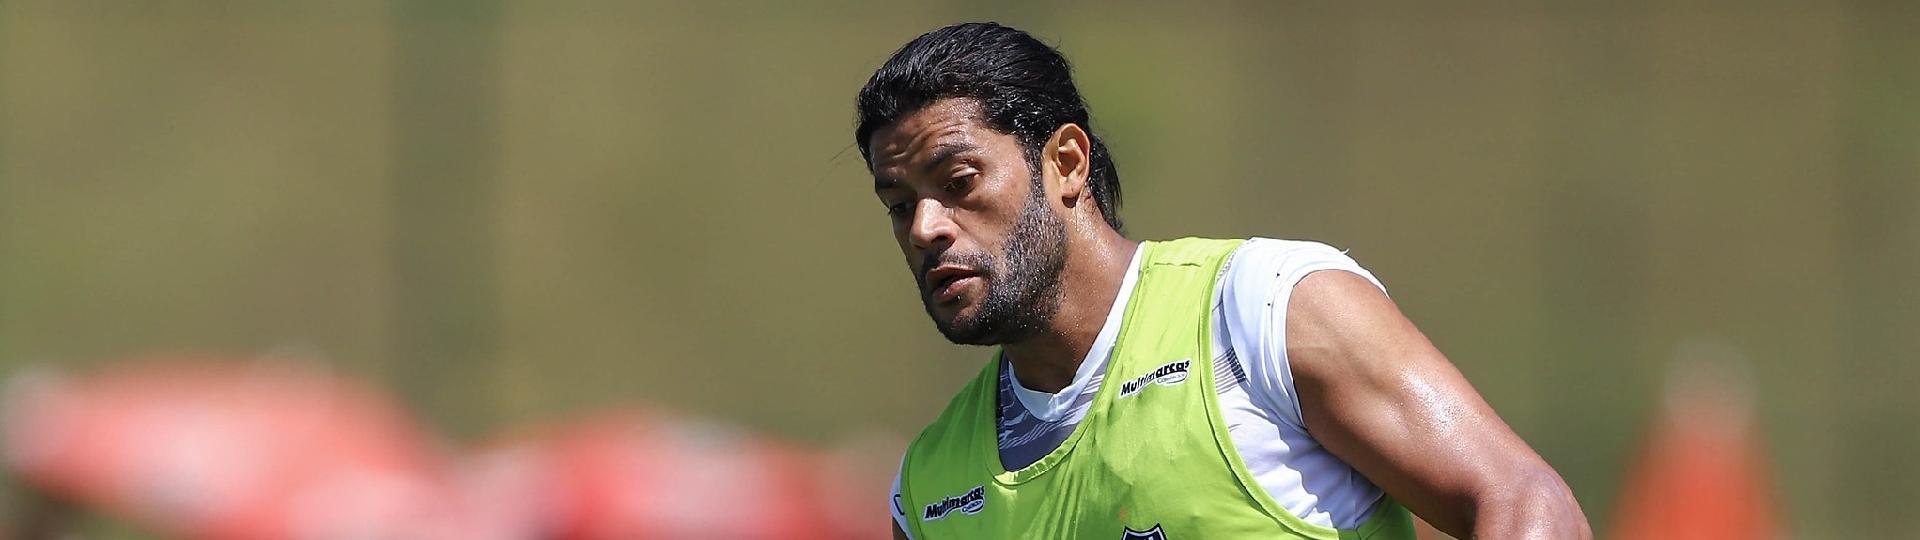 Hulk, uma das contratações mais impactantes no Brasil em 2021, ainda não fez um grande jogo pelo Galo